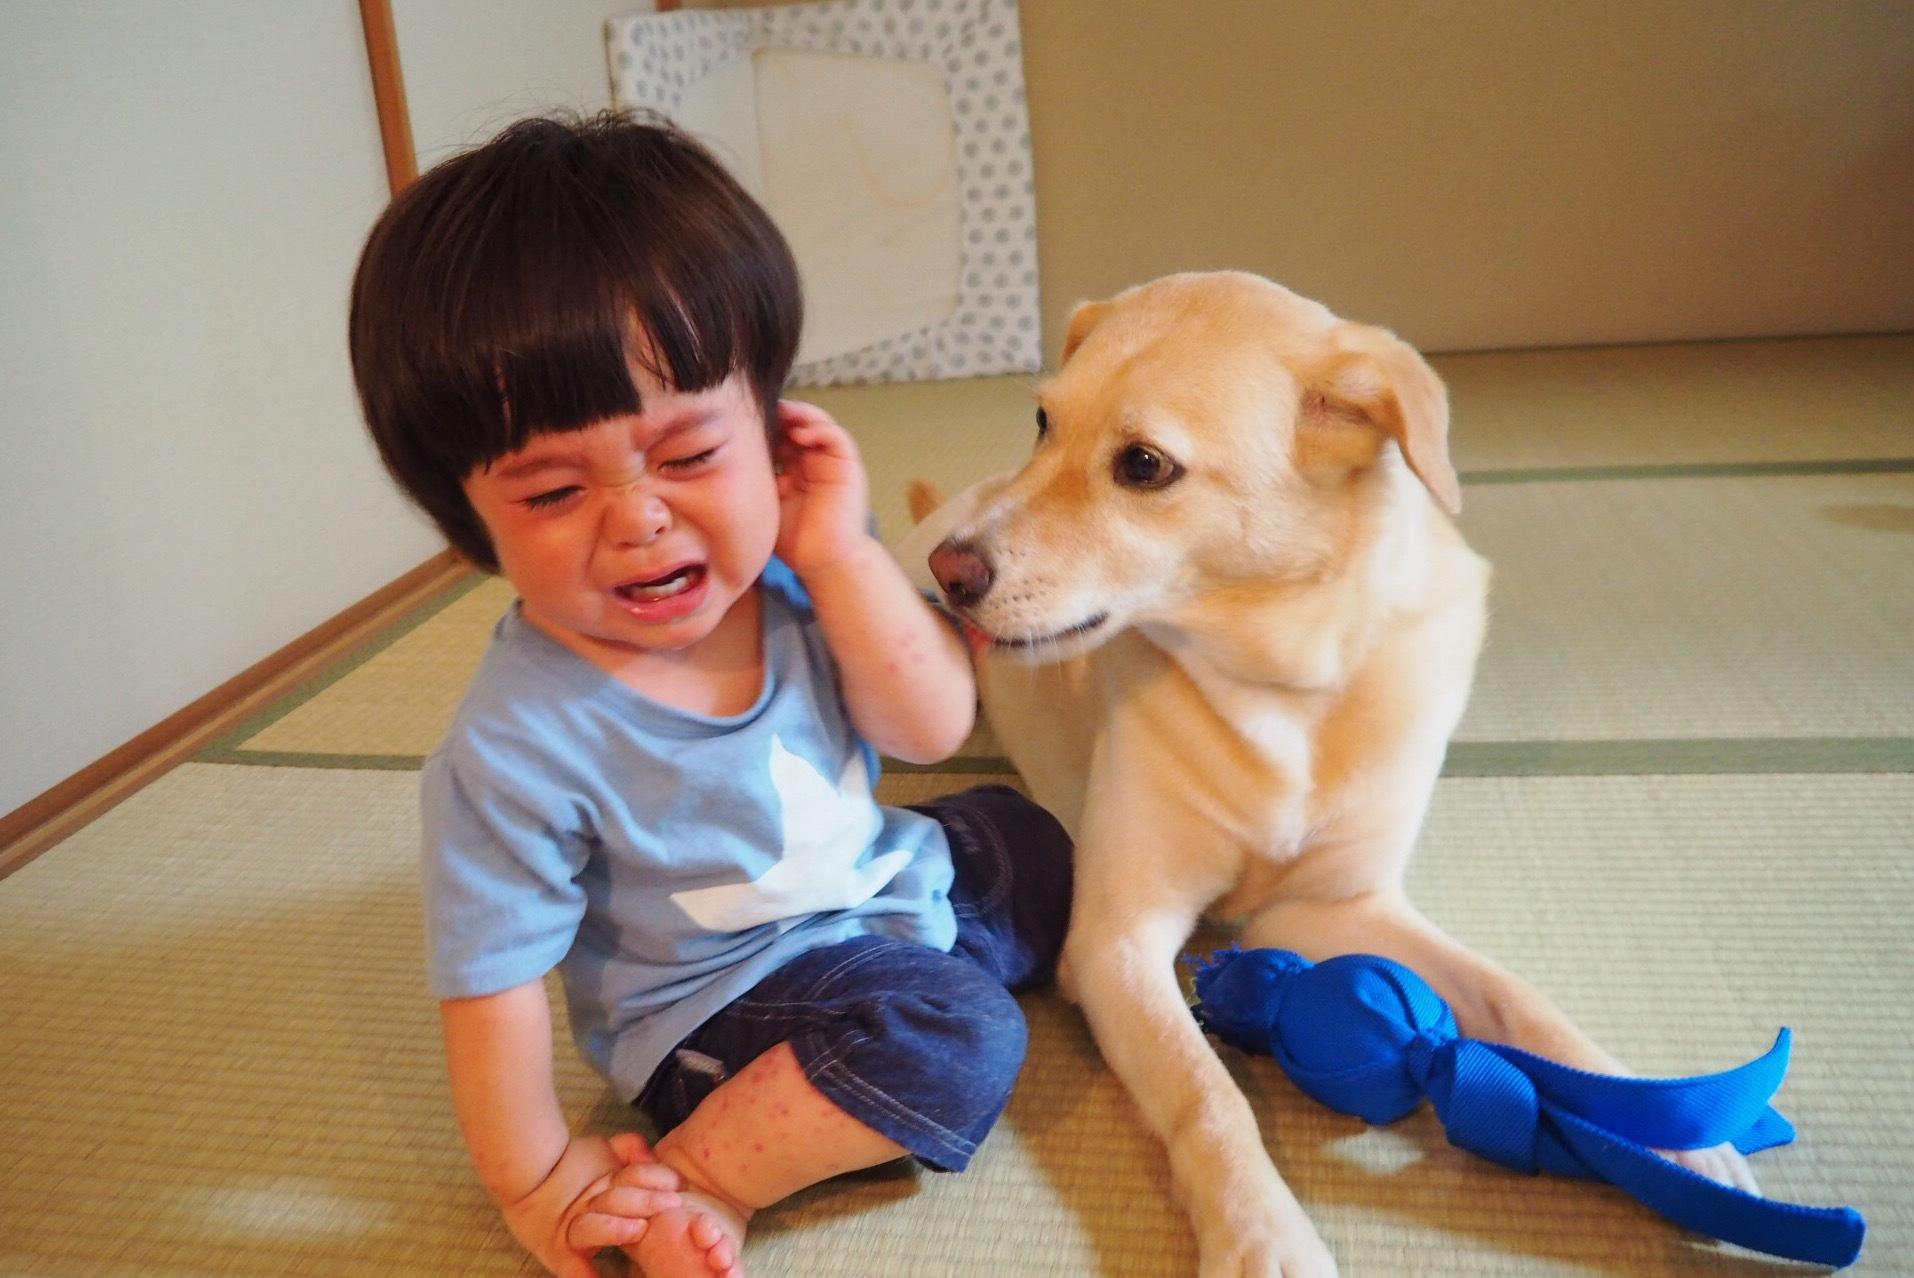 赤ちゃんと犬 赤ちゃんと大型犬 犬が泣いてる赤ちゃんを慰める